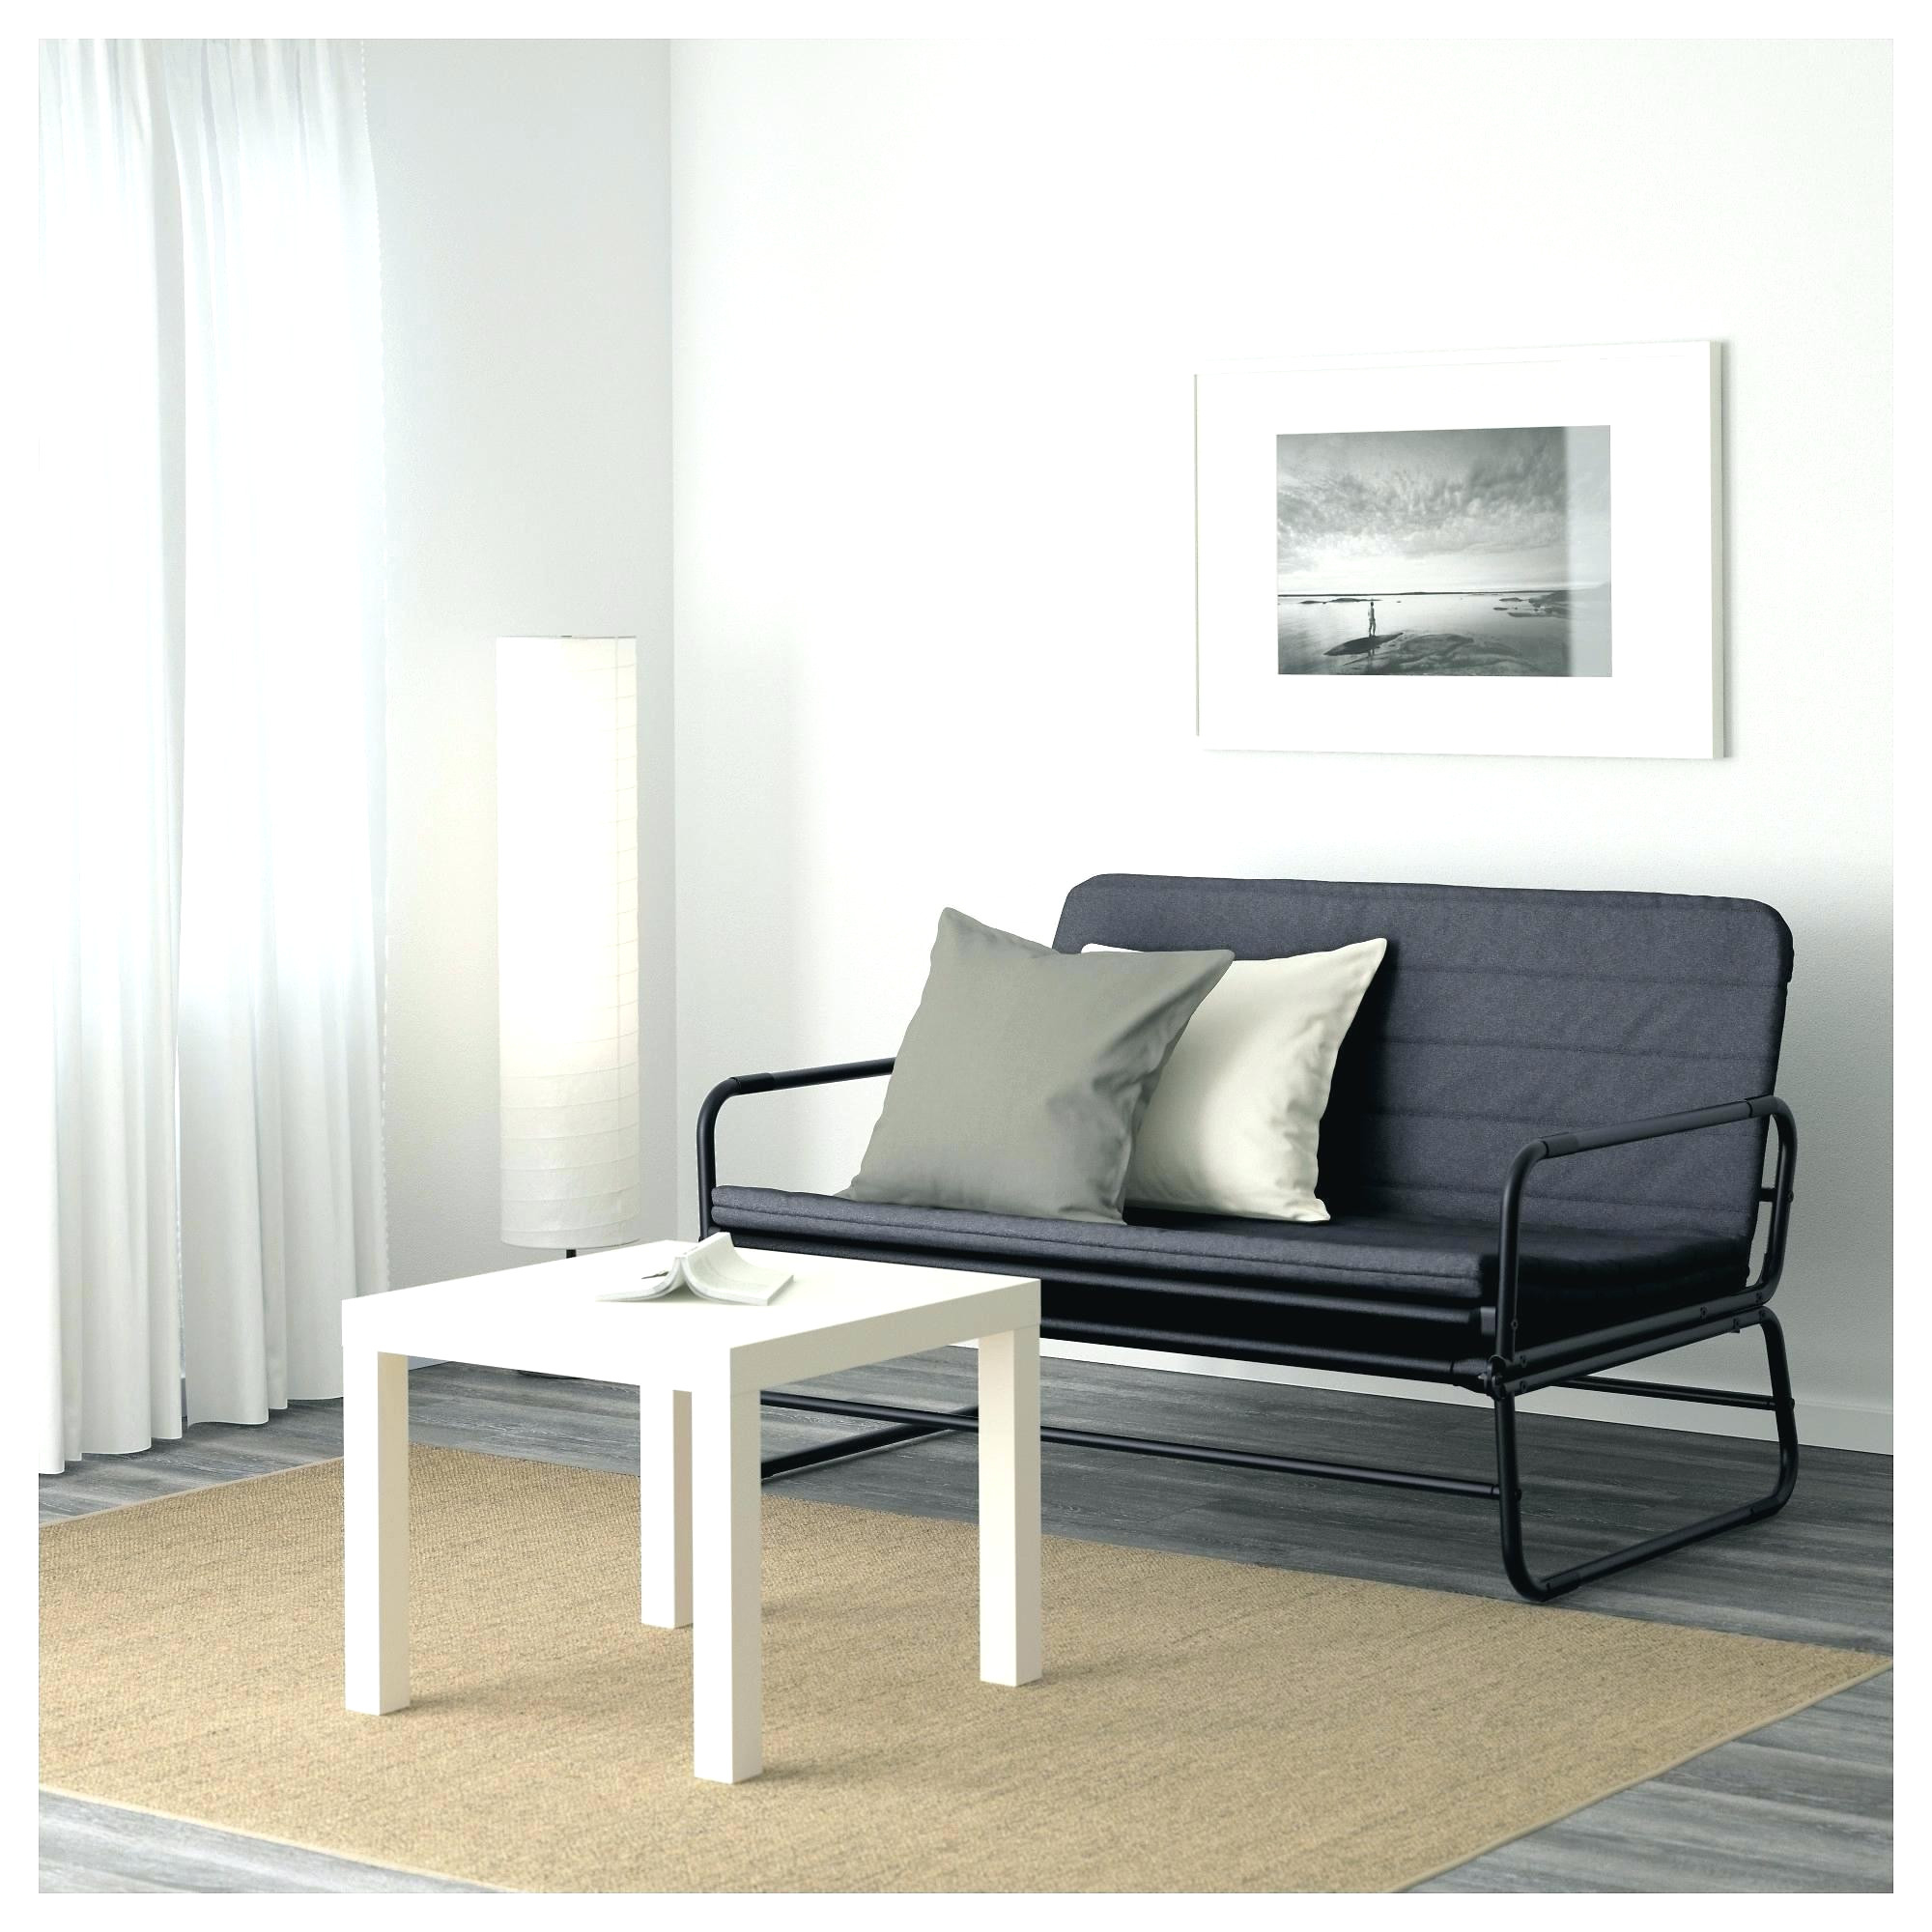 Quelle Densité De Mousse Pour Un Canapé Nouveau Galerie Housse Beddinge Ikea Ikea with Housse Beddinge Ikea Best